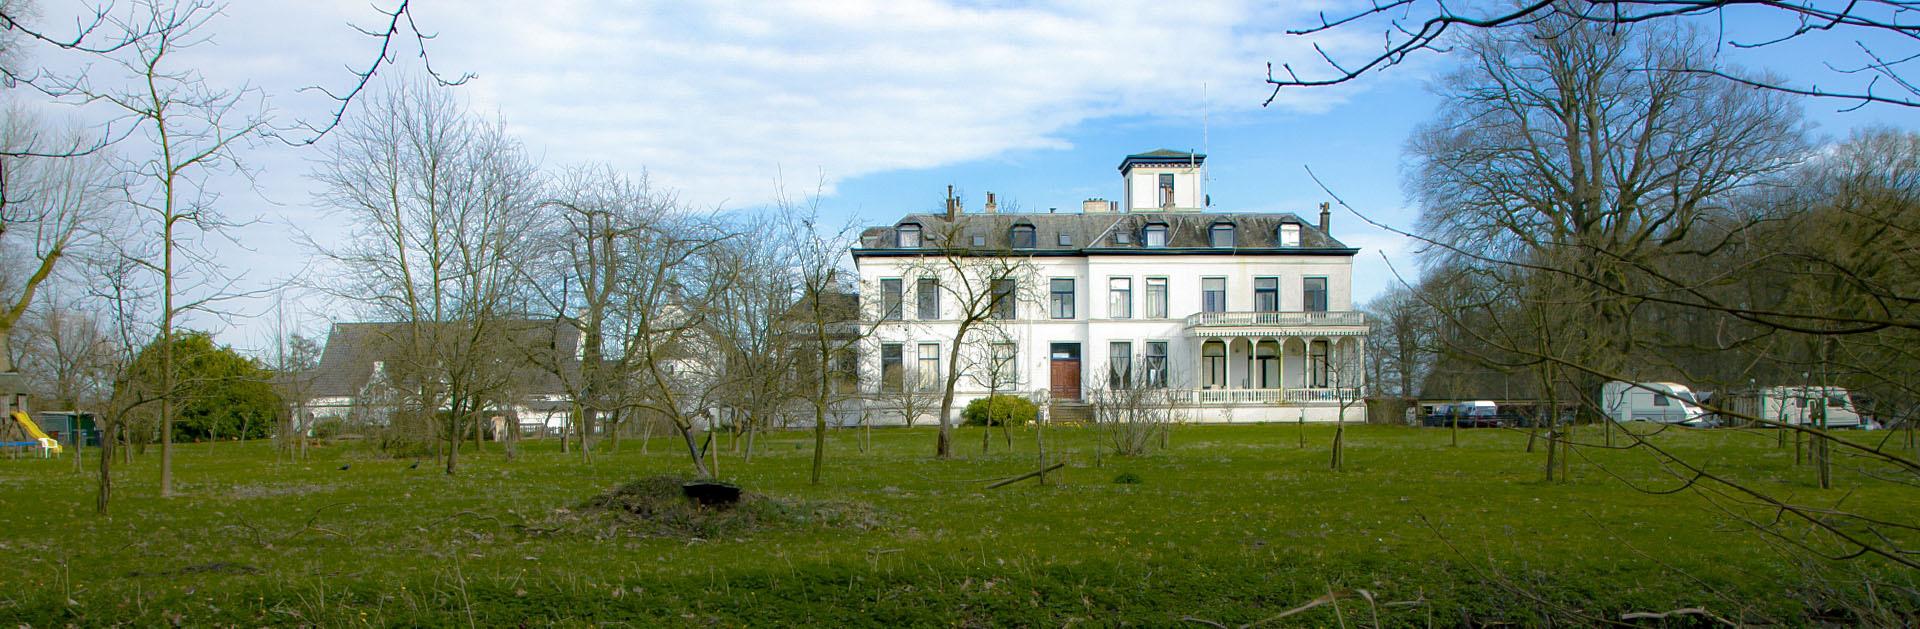 't Kervel - Hengelo Regio Achterhoek - Liemers